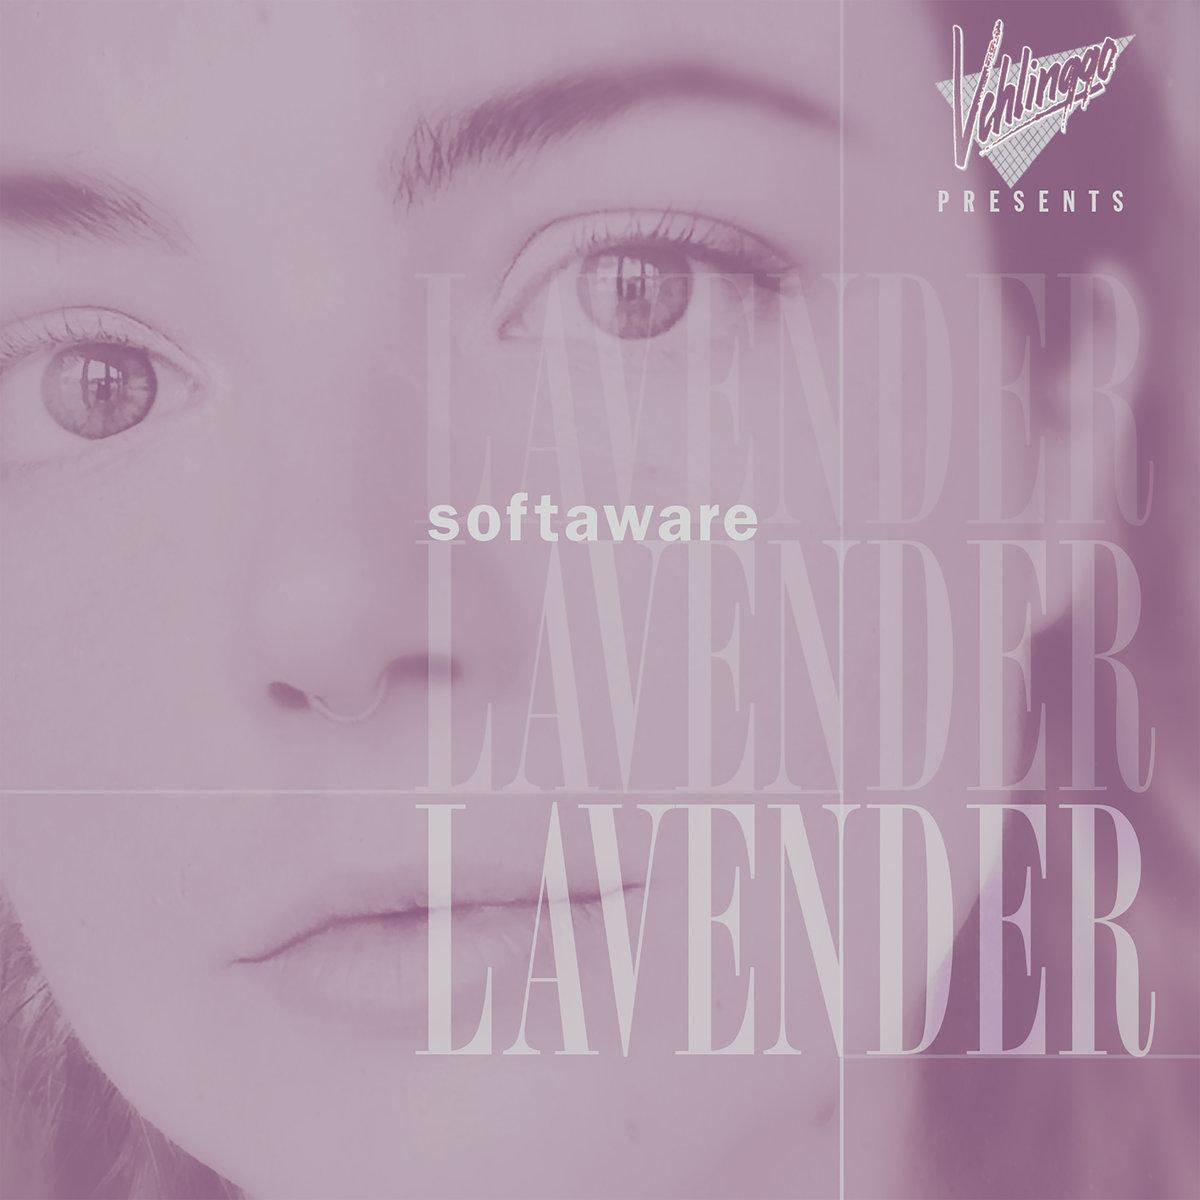 a1874784352 10 - Softaware - Lavender